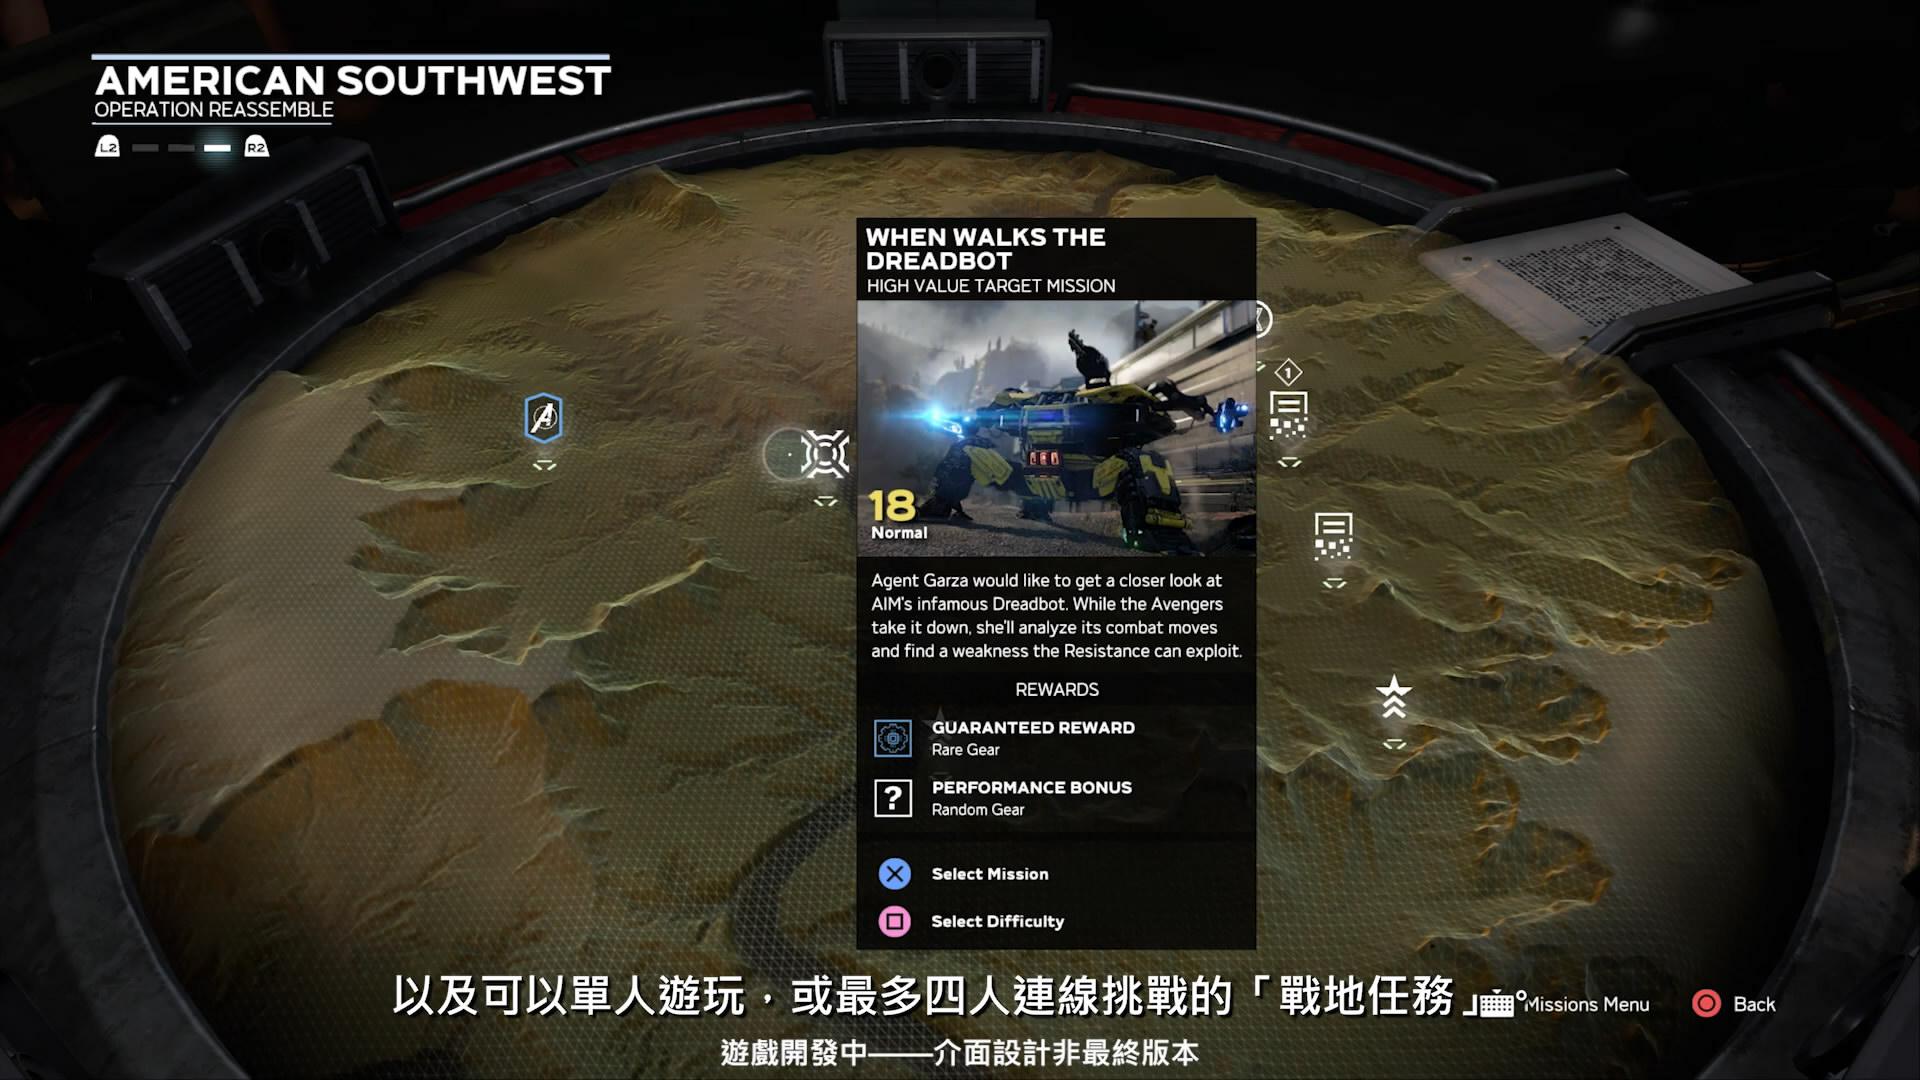 《漫威复仇者联盟》中文字幕预告 游戏系统介绍